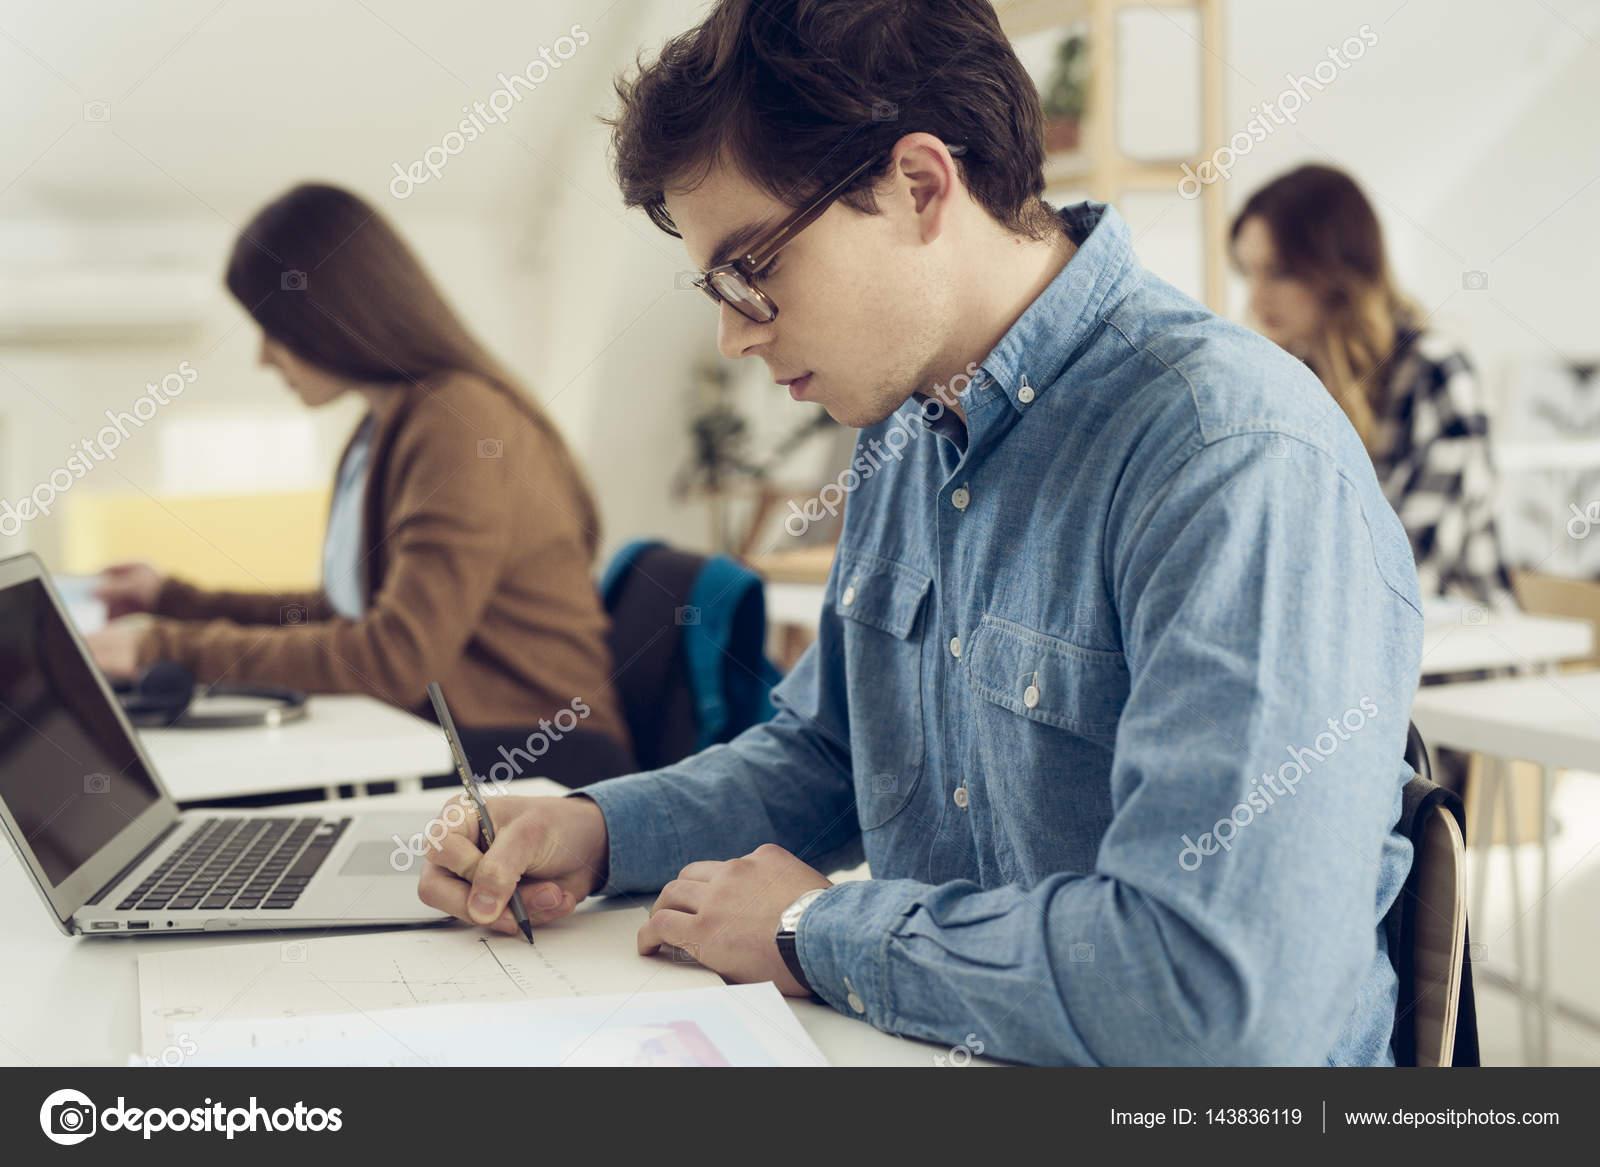 Nett Lebenslauf Schreiben Leitfaden Für Studenten Ideen - Beispiel ...